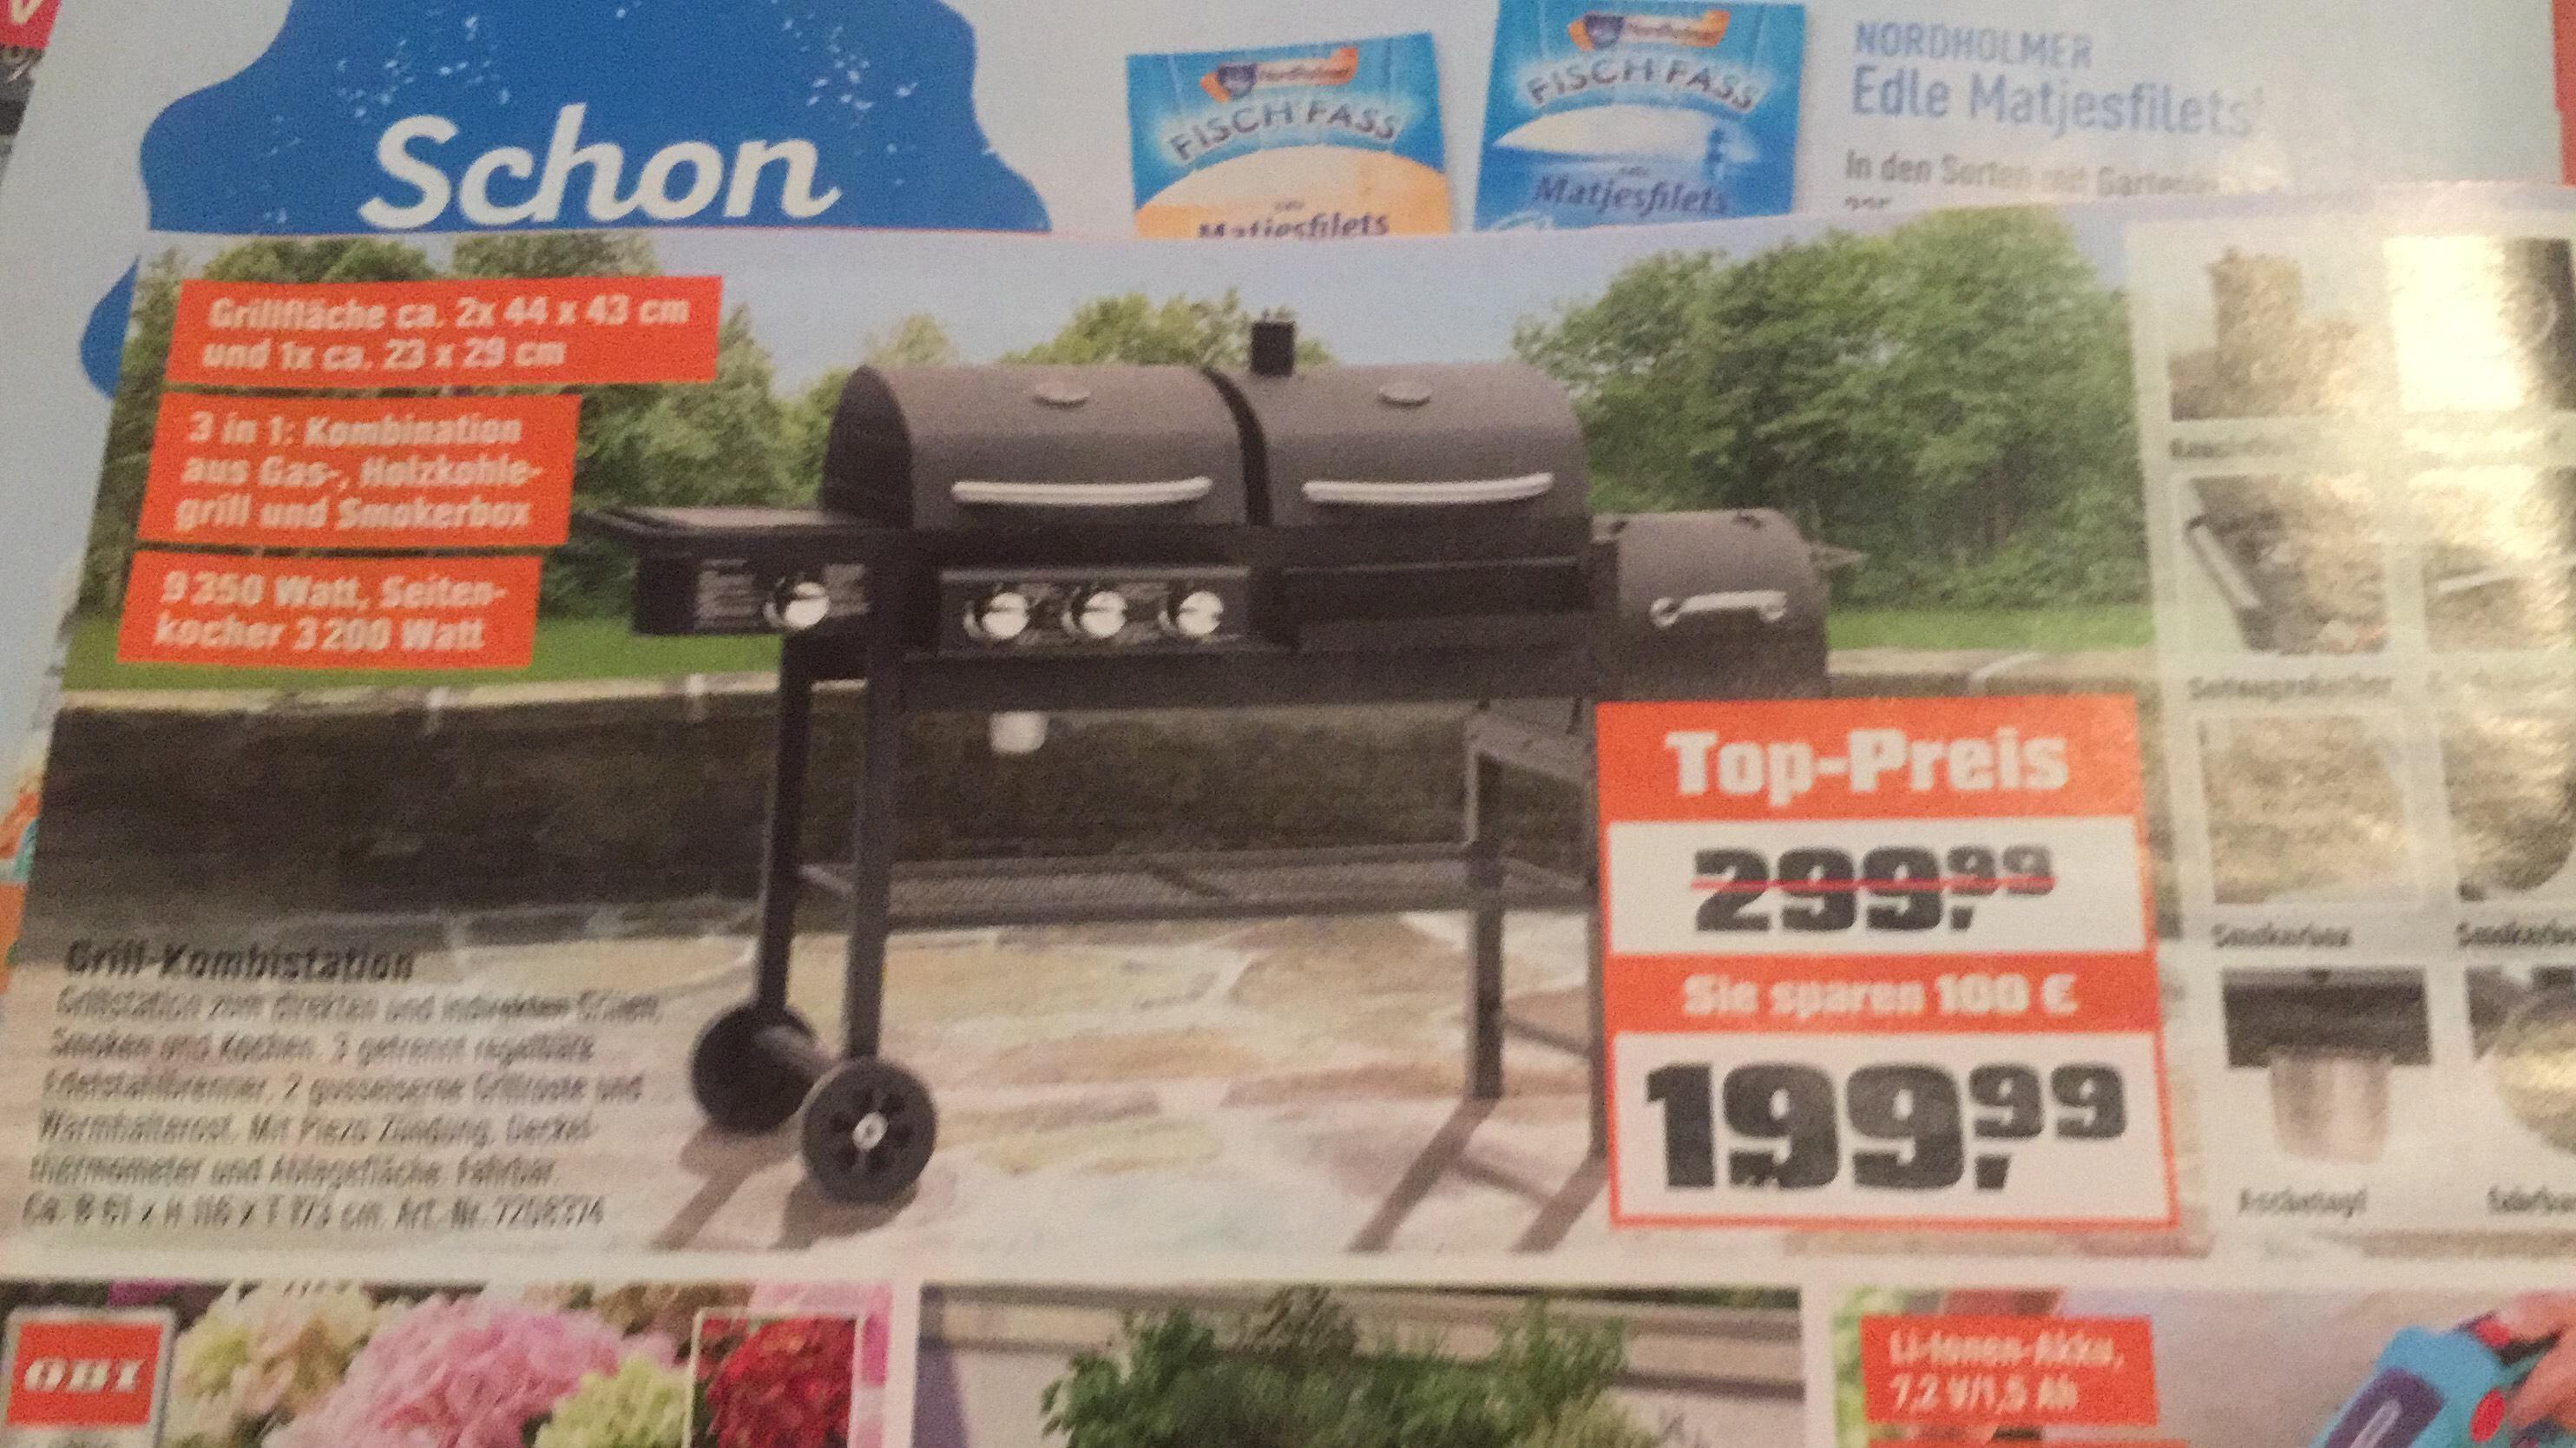 Gas Für Gasgrill Obi : Jamestown dean grill gas kohle und smoker mydealz